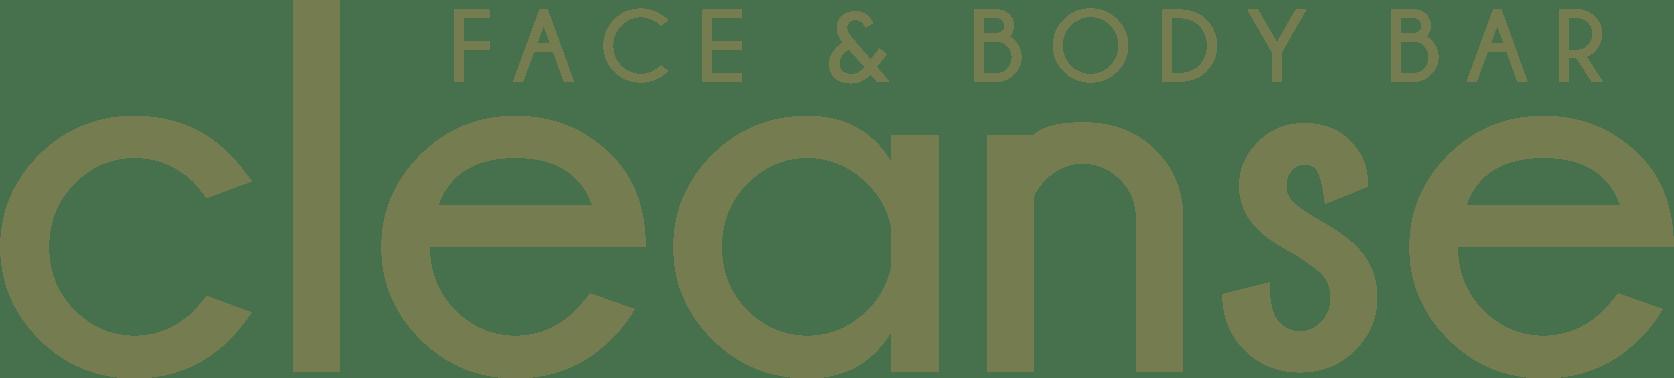 Face&BodyBar.logo